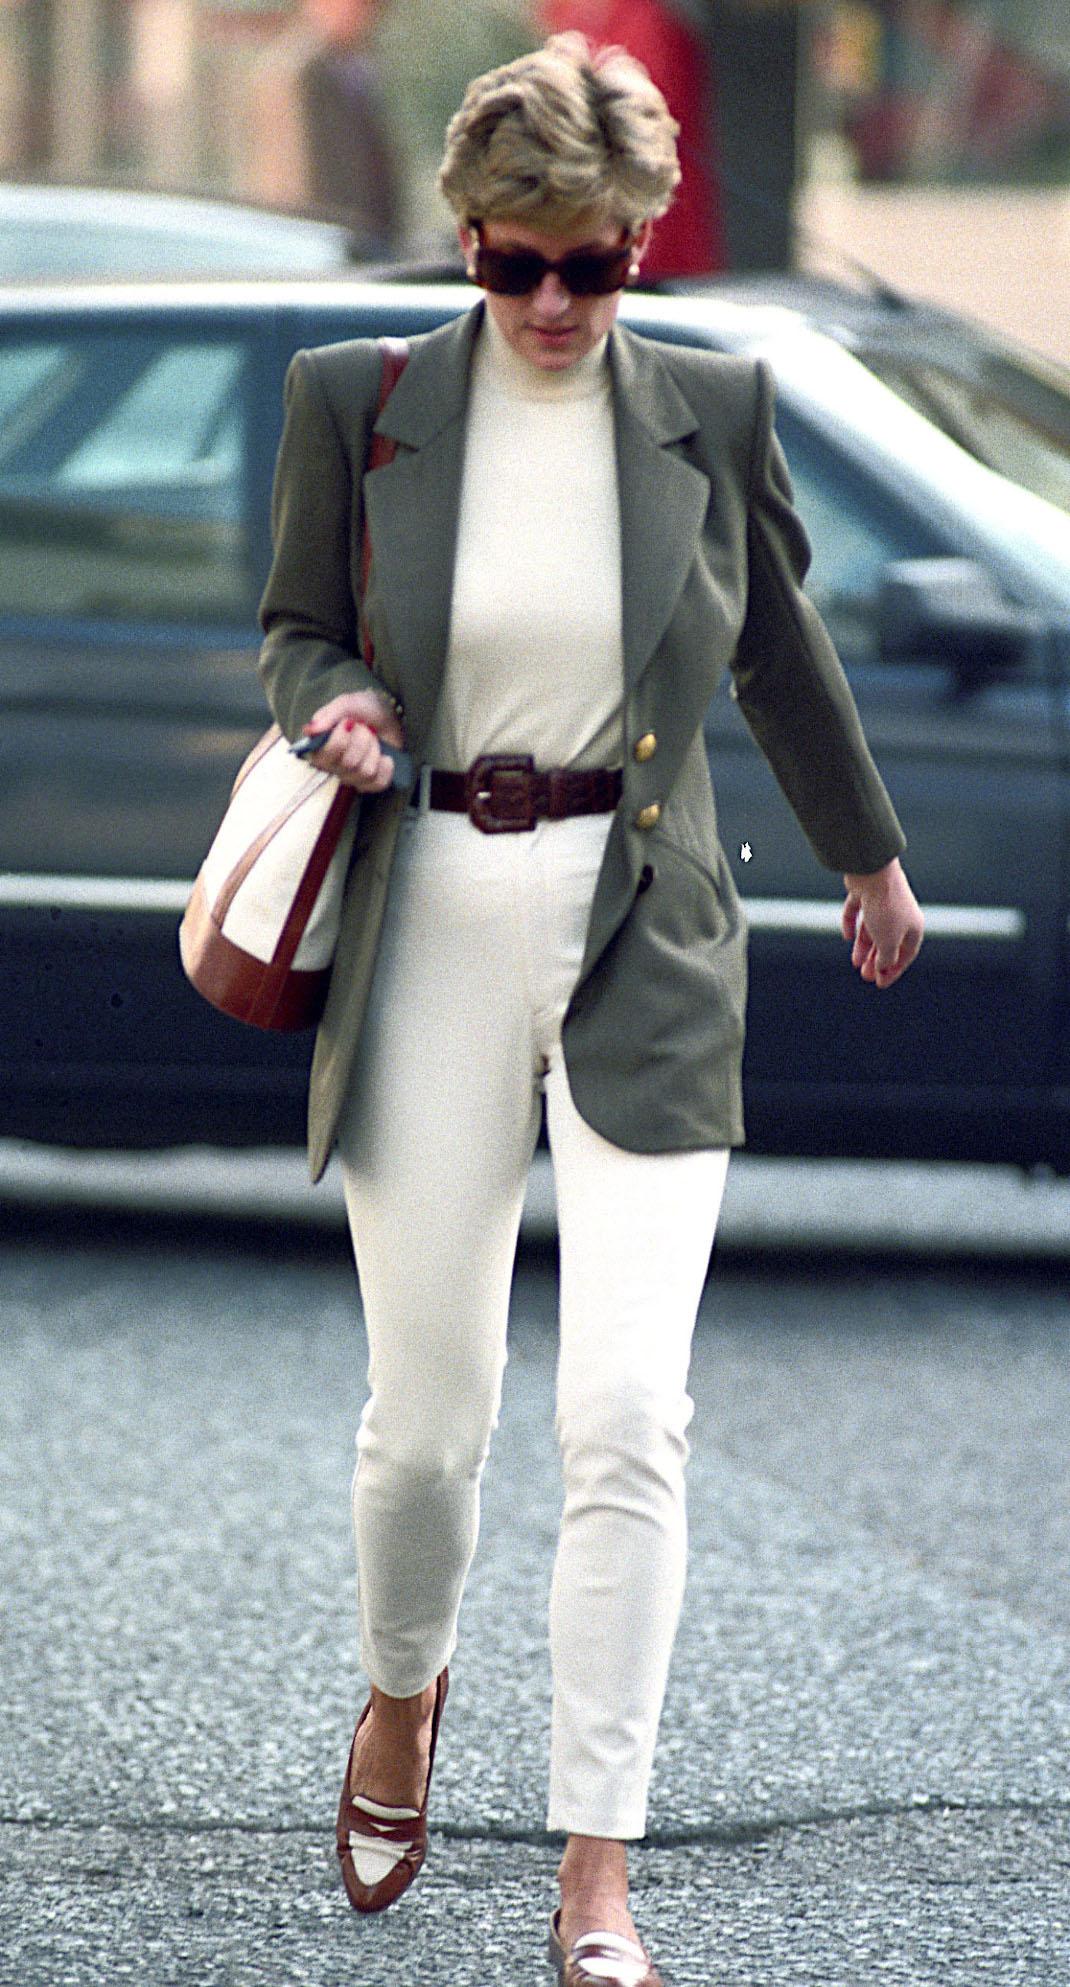 Η πριγκίπισσα Νταϊάνα με γυαλιά και σακάκι στο δρόμο